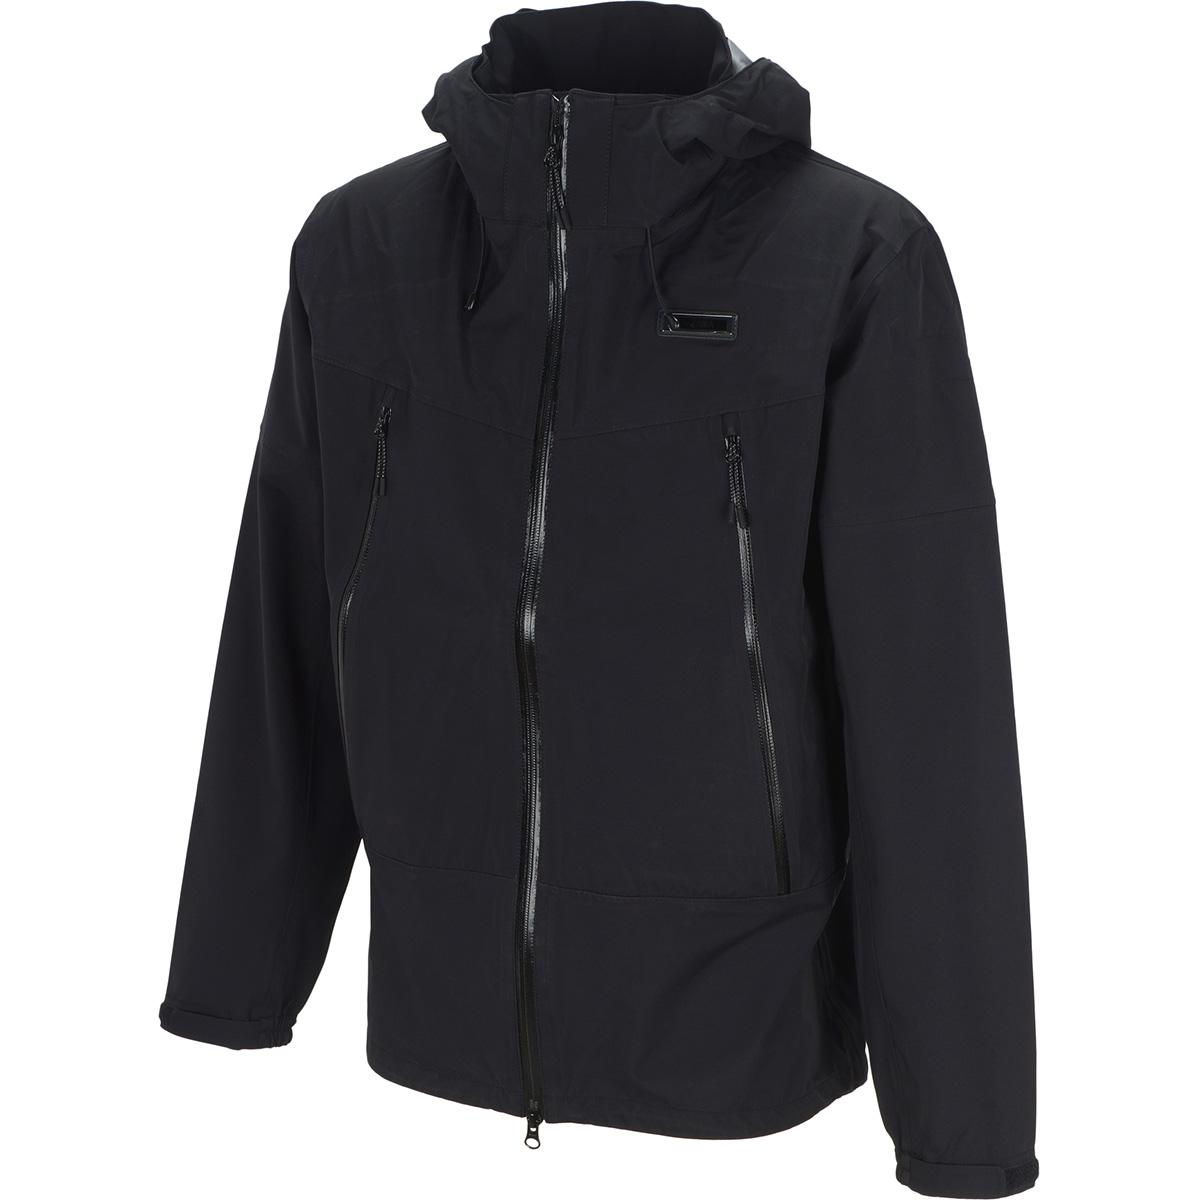 3L ウインドプルーフジャケット